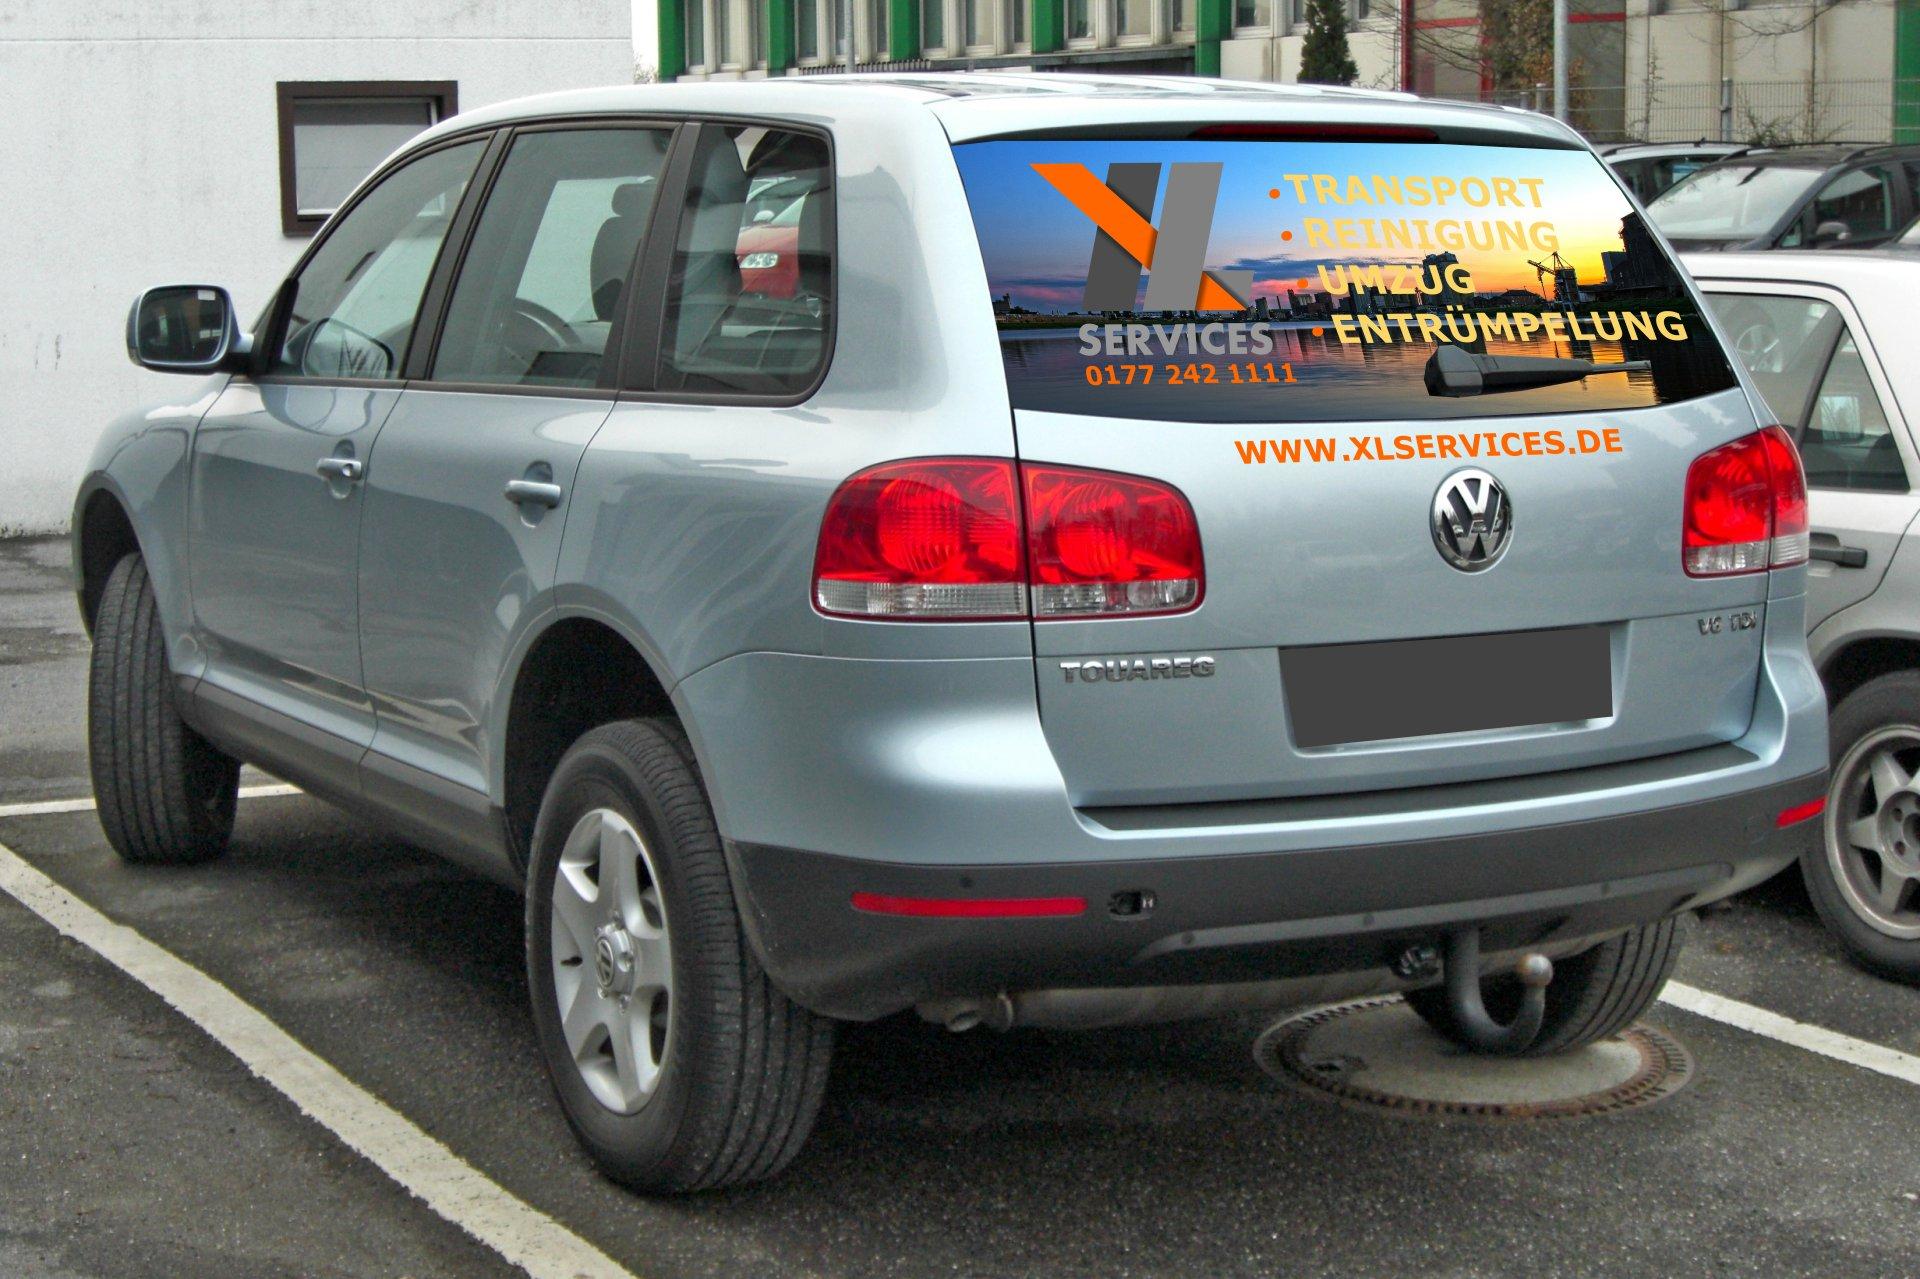 O-ZEN Portfolio XL Services Mannheim Volkswagen Touareg mit Beschriftung